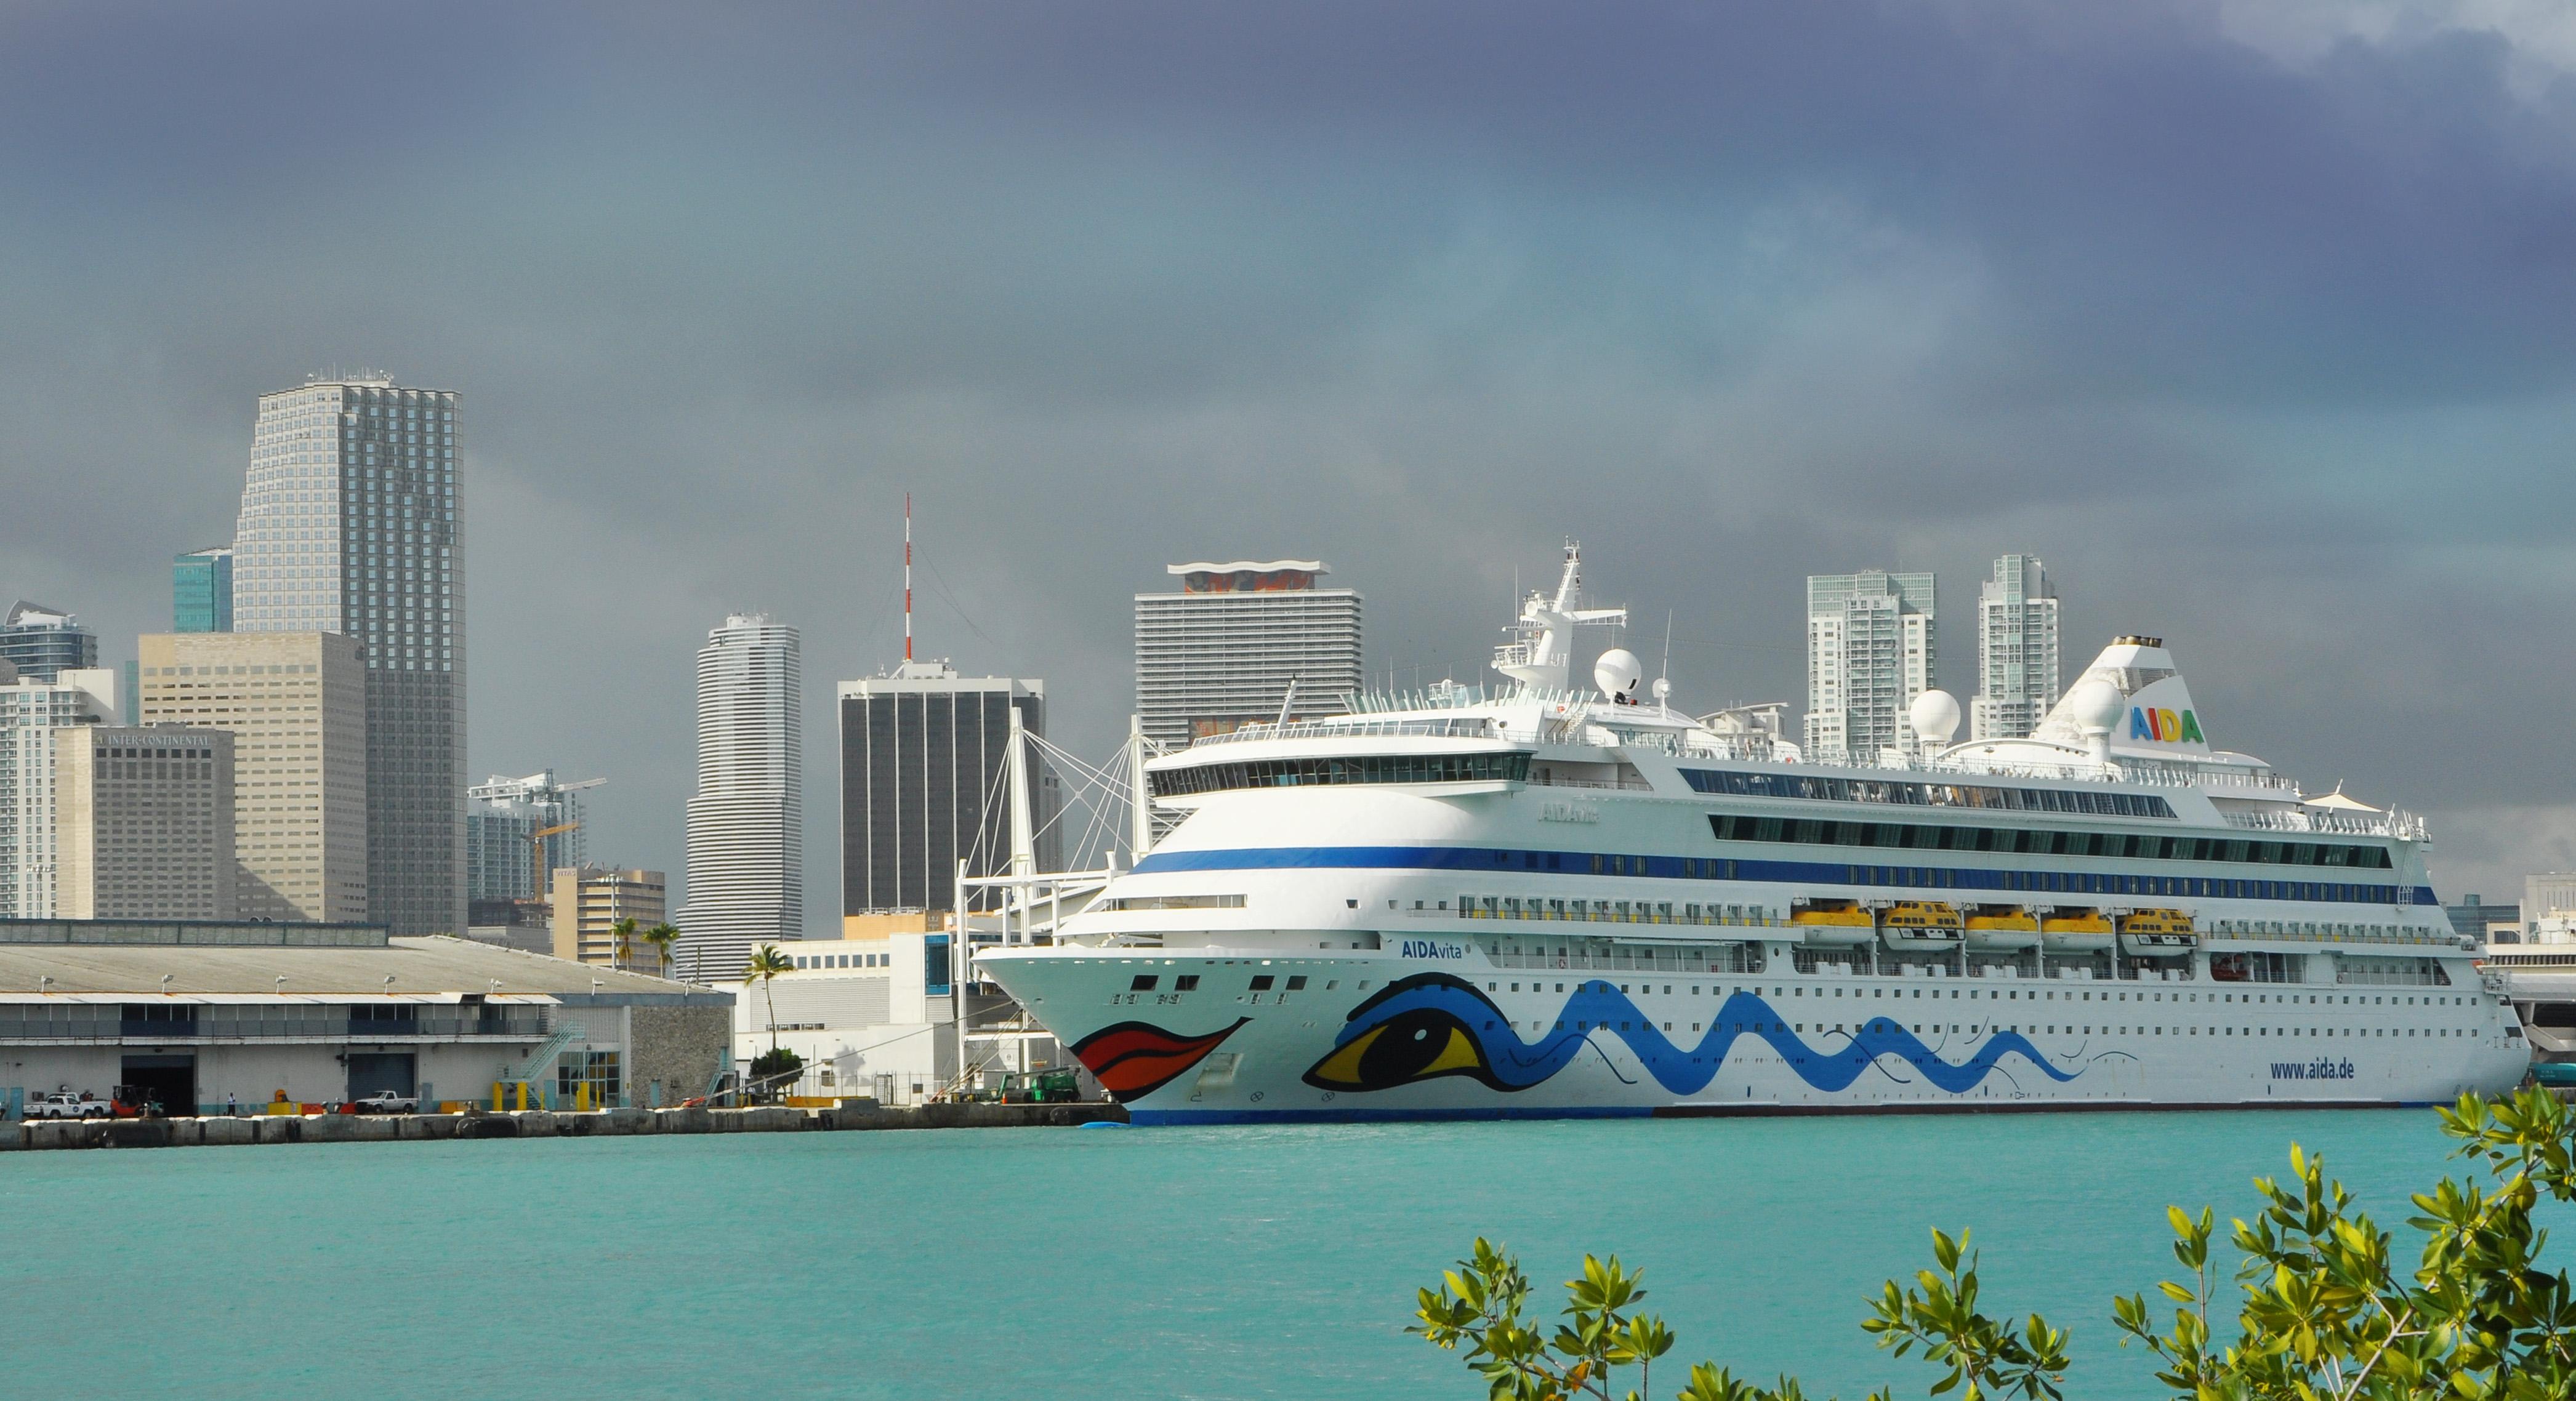 Aida Vita Karibik